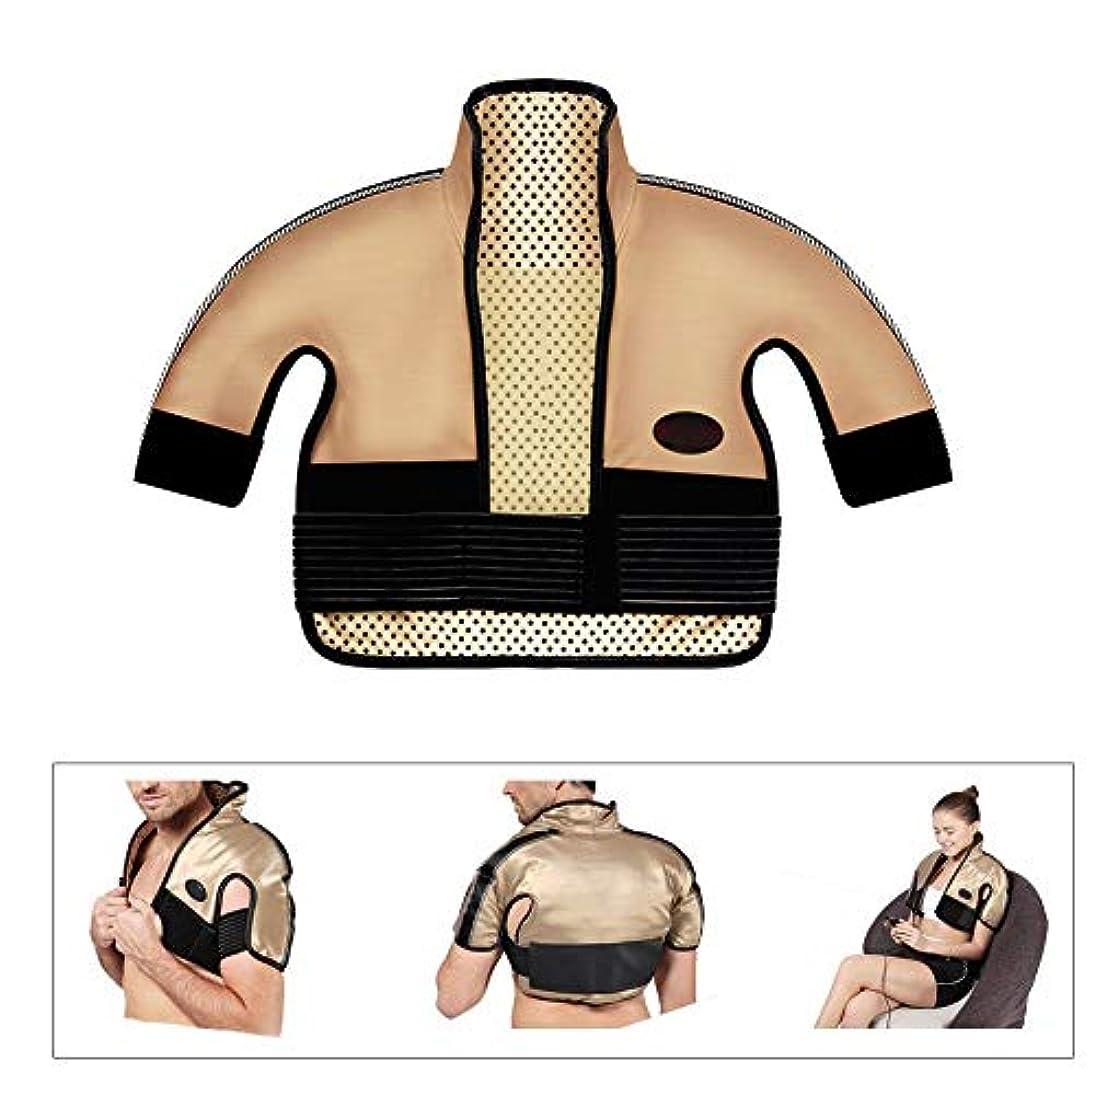 ホラー湿った一貫性のない肩と首の電気加熱パッド - 混練加熱、痛み緩和加熱パッドを叩く、医療用品マッサージベスト(肩幅用:40-65CM)